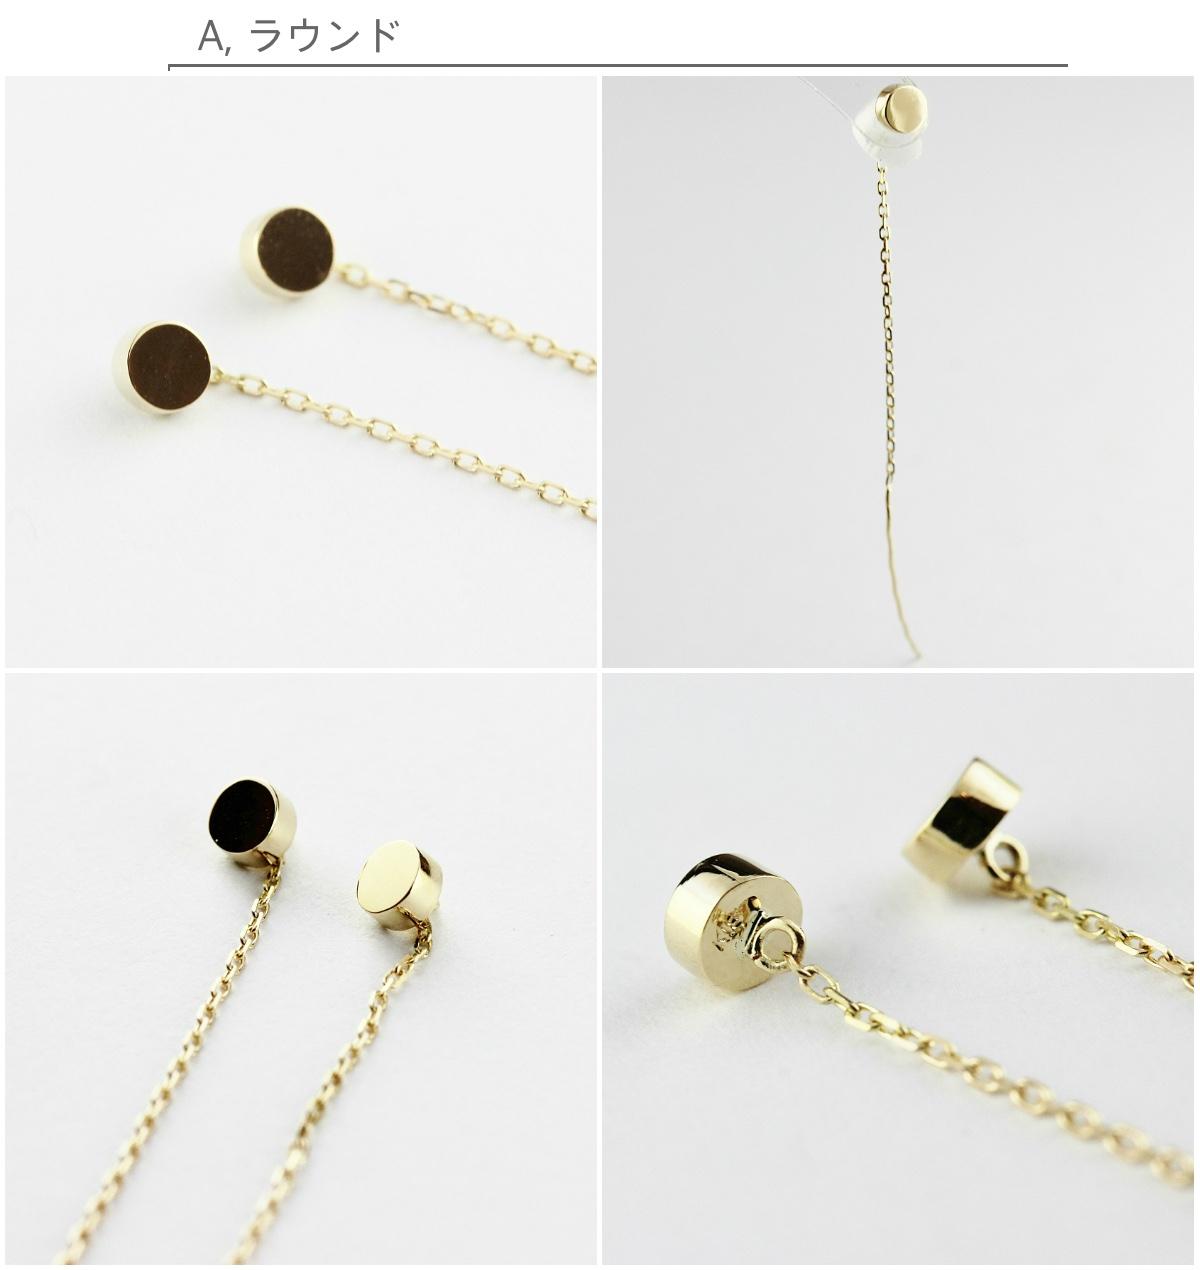 ピナコテーカ ラウンド マグネット スタッド アメリカン ピアス 18金,pinacoteca Round Magnet Stud American Earrings K18